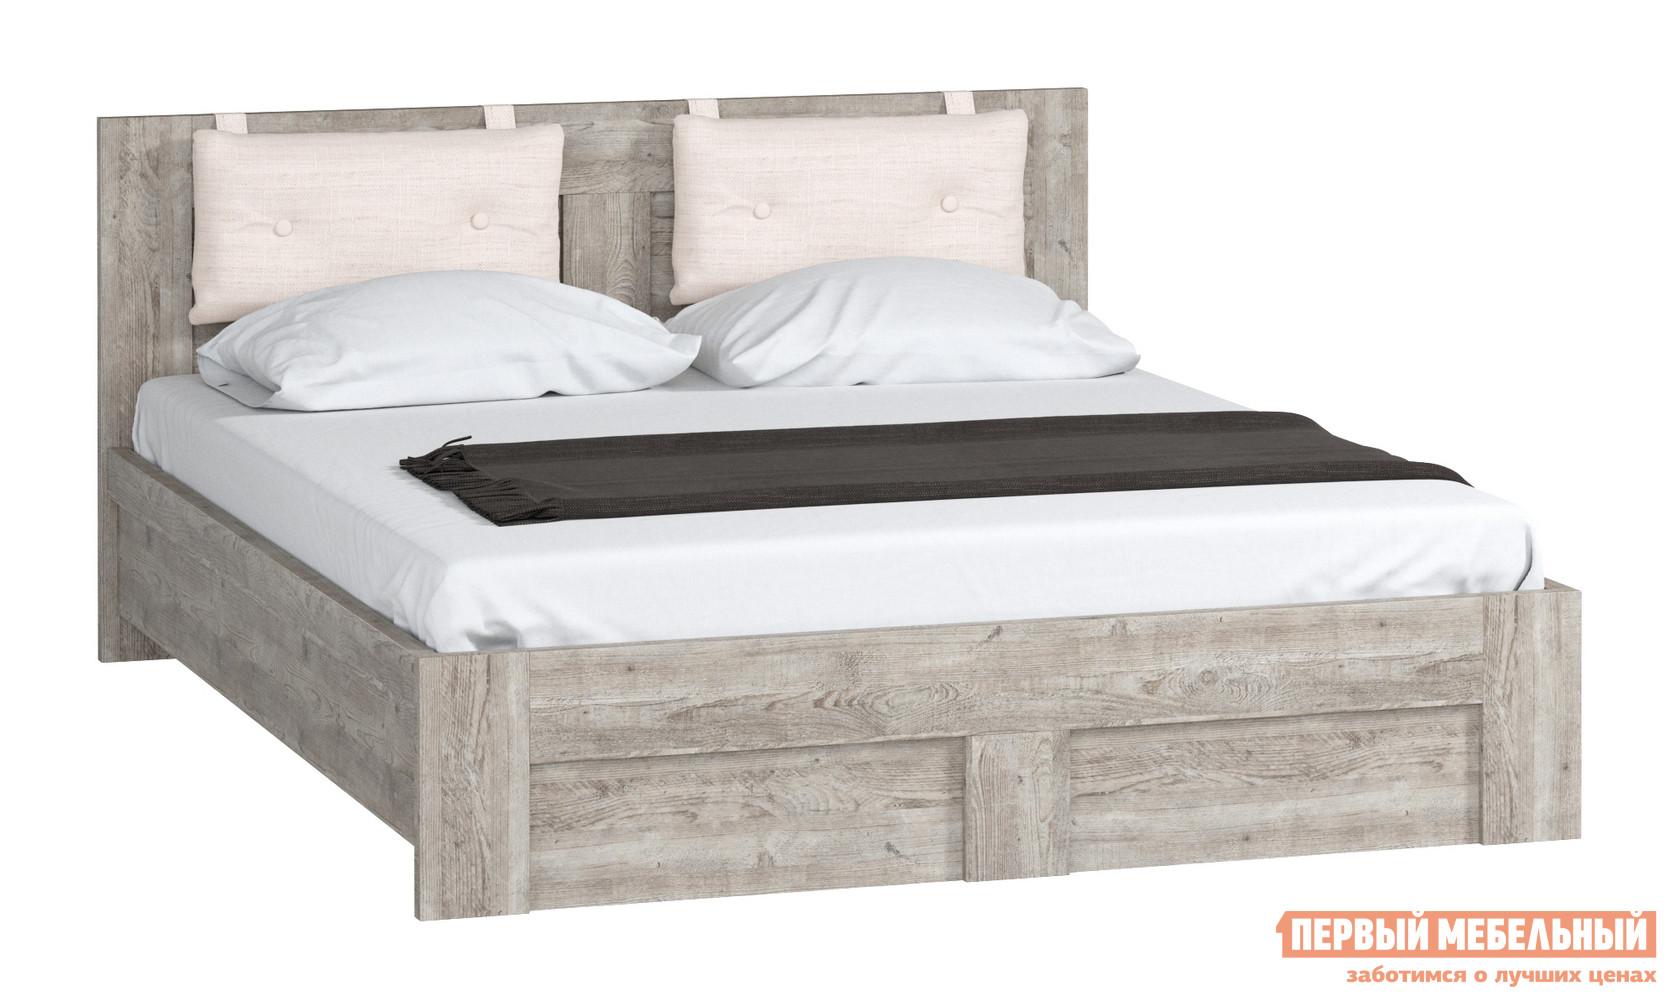 Кровать WOODCRAFT Кровать 1400 мм, 1600 мм, 1800 мм Боб Пайн, 1600 Х 2000 мм, Без основания от Купистол